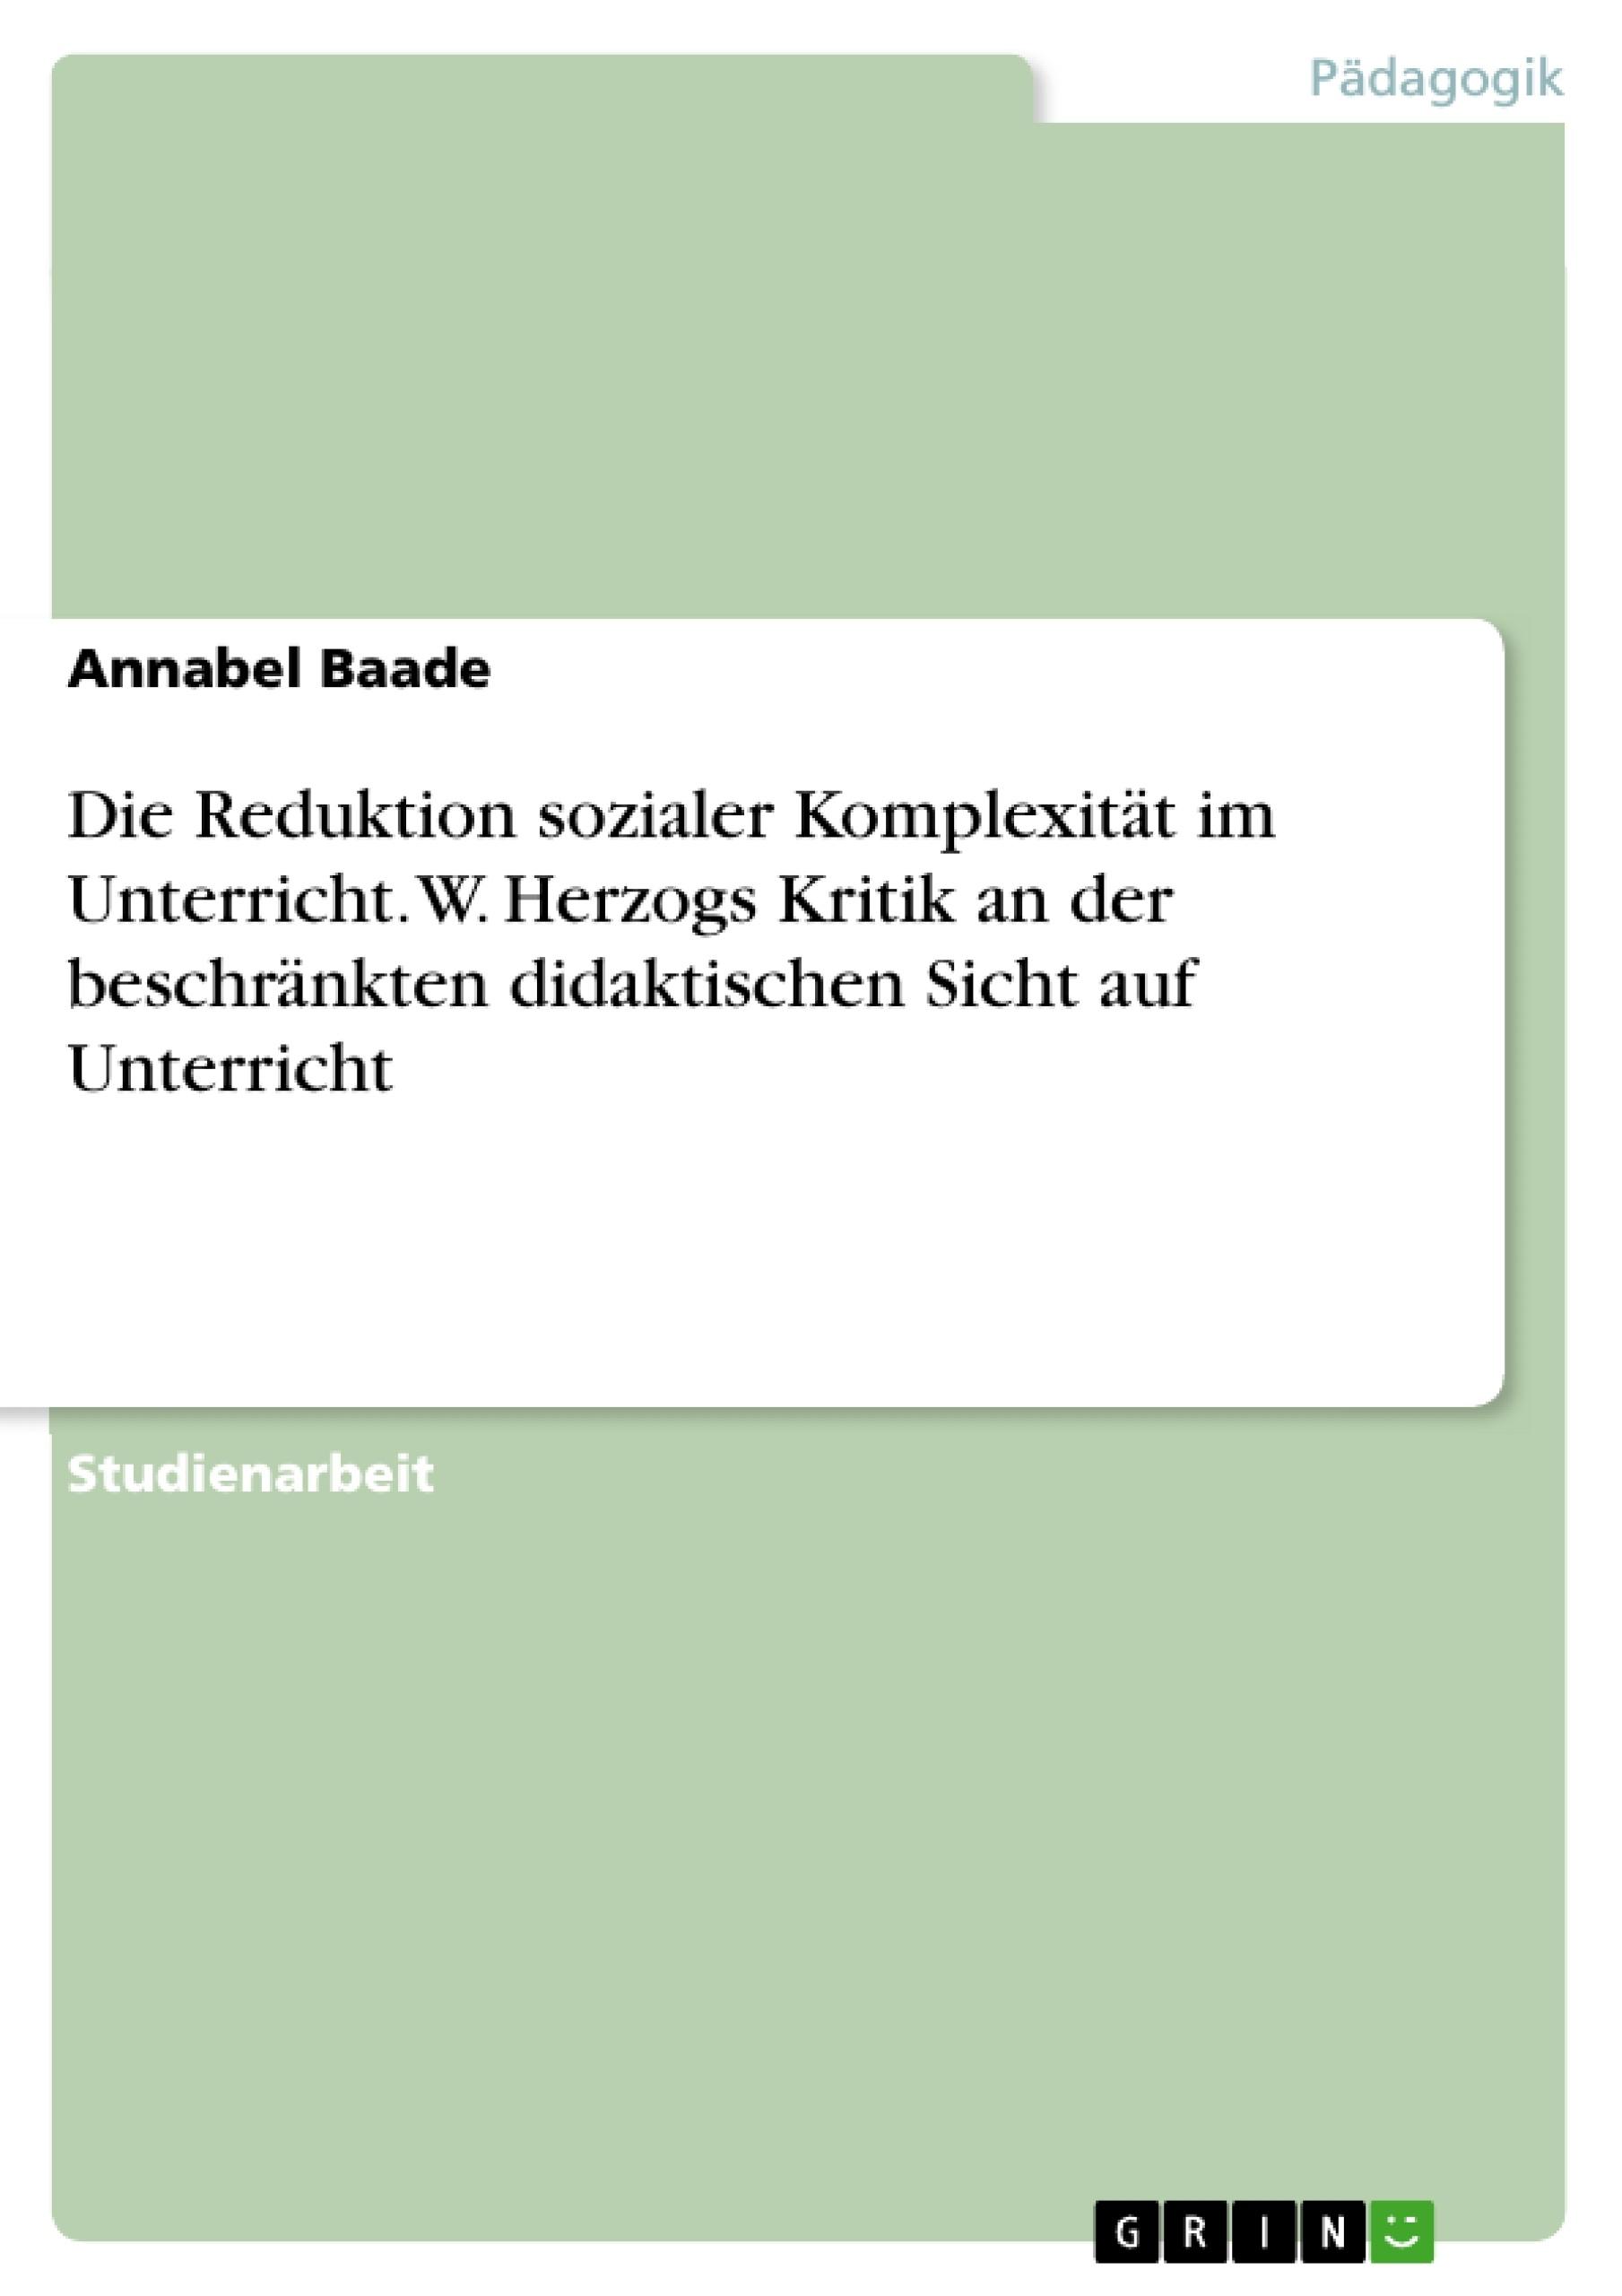 Titel: Die Reduktion sozialer Komplexität im Unterricht. W. Herzogs Kritik an der beschränkten didaktischen Sicht auf Unterricht